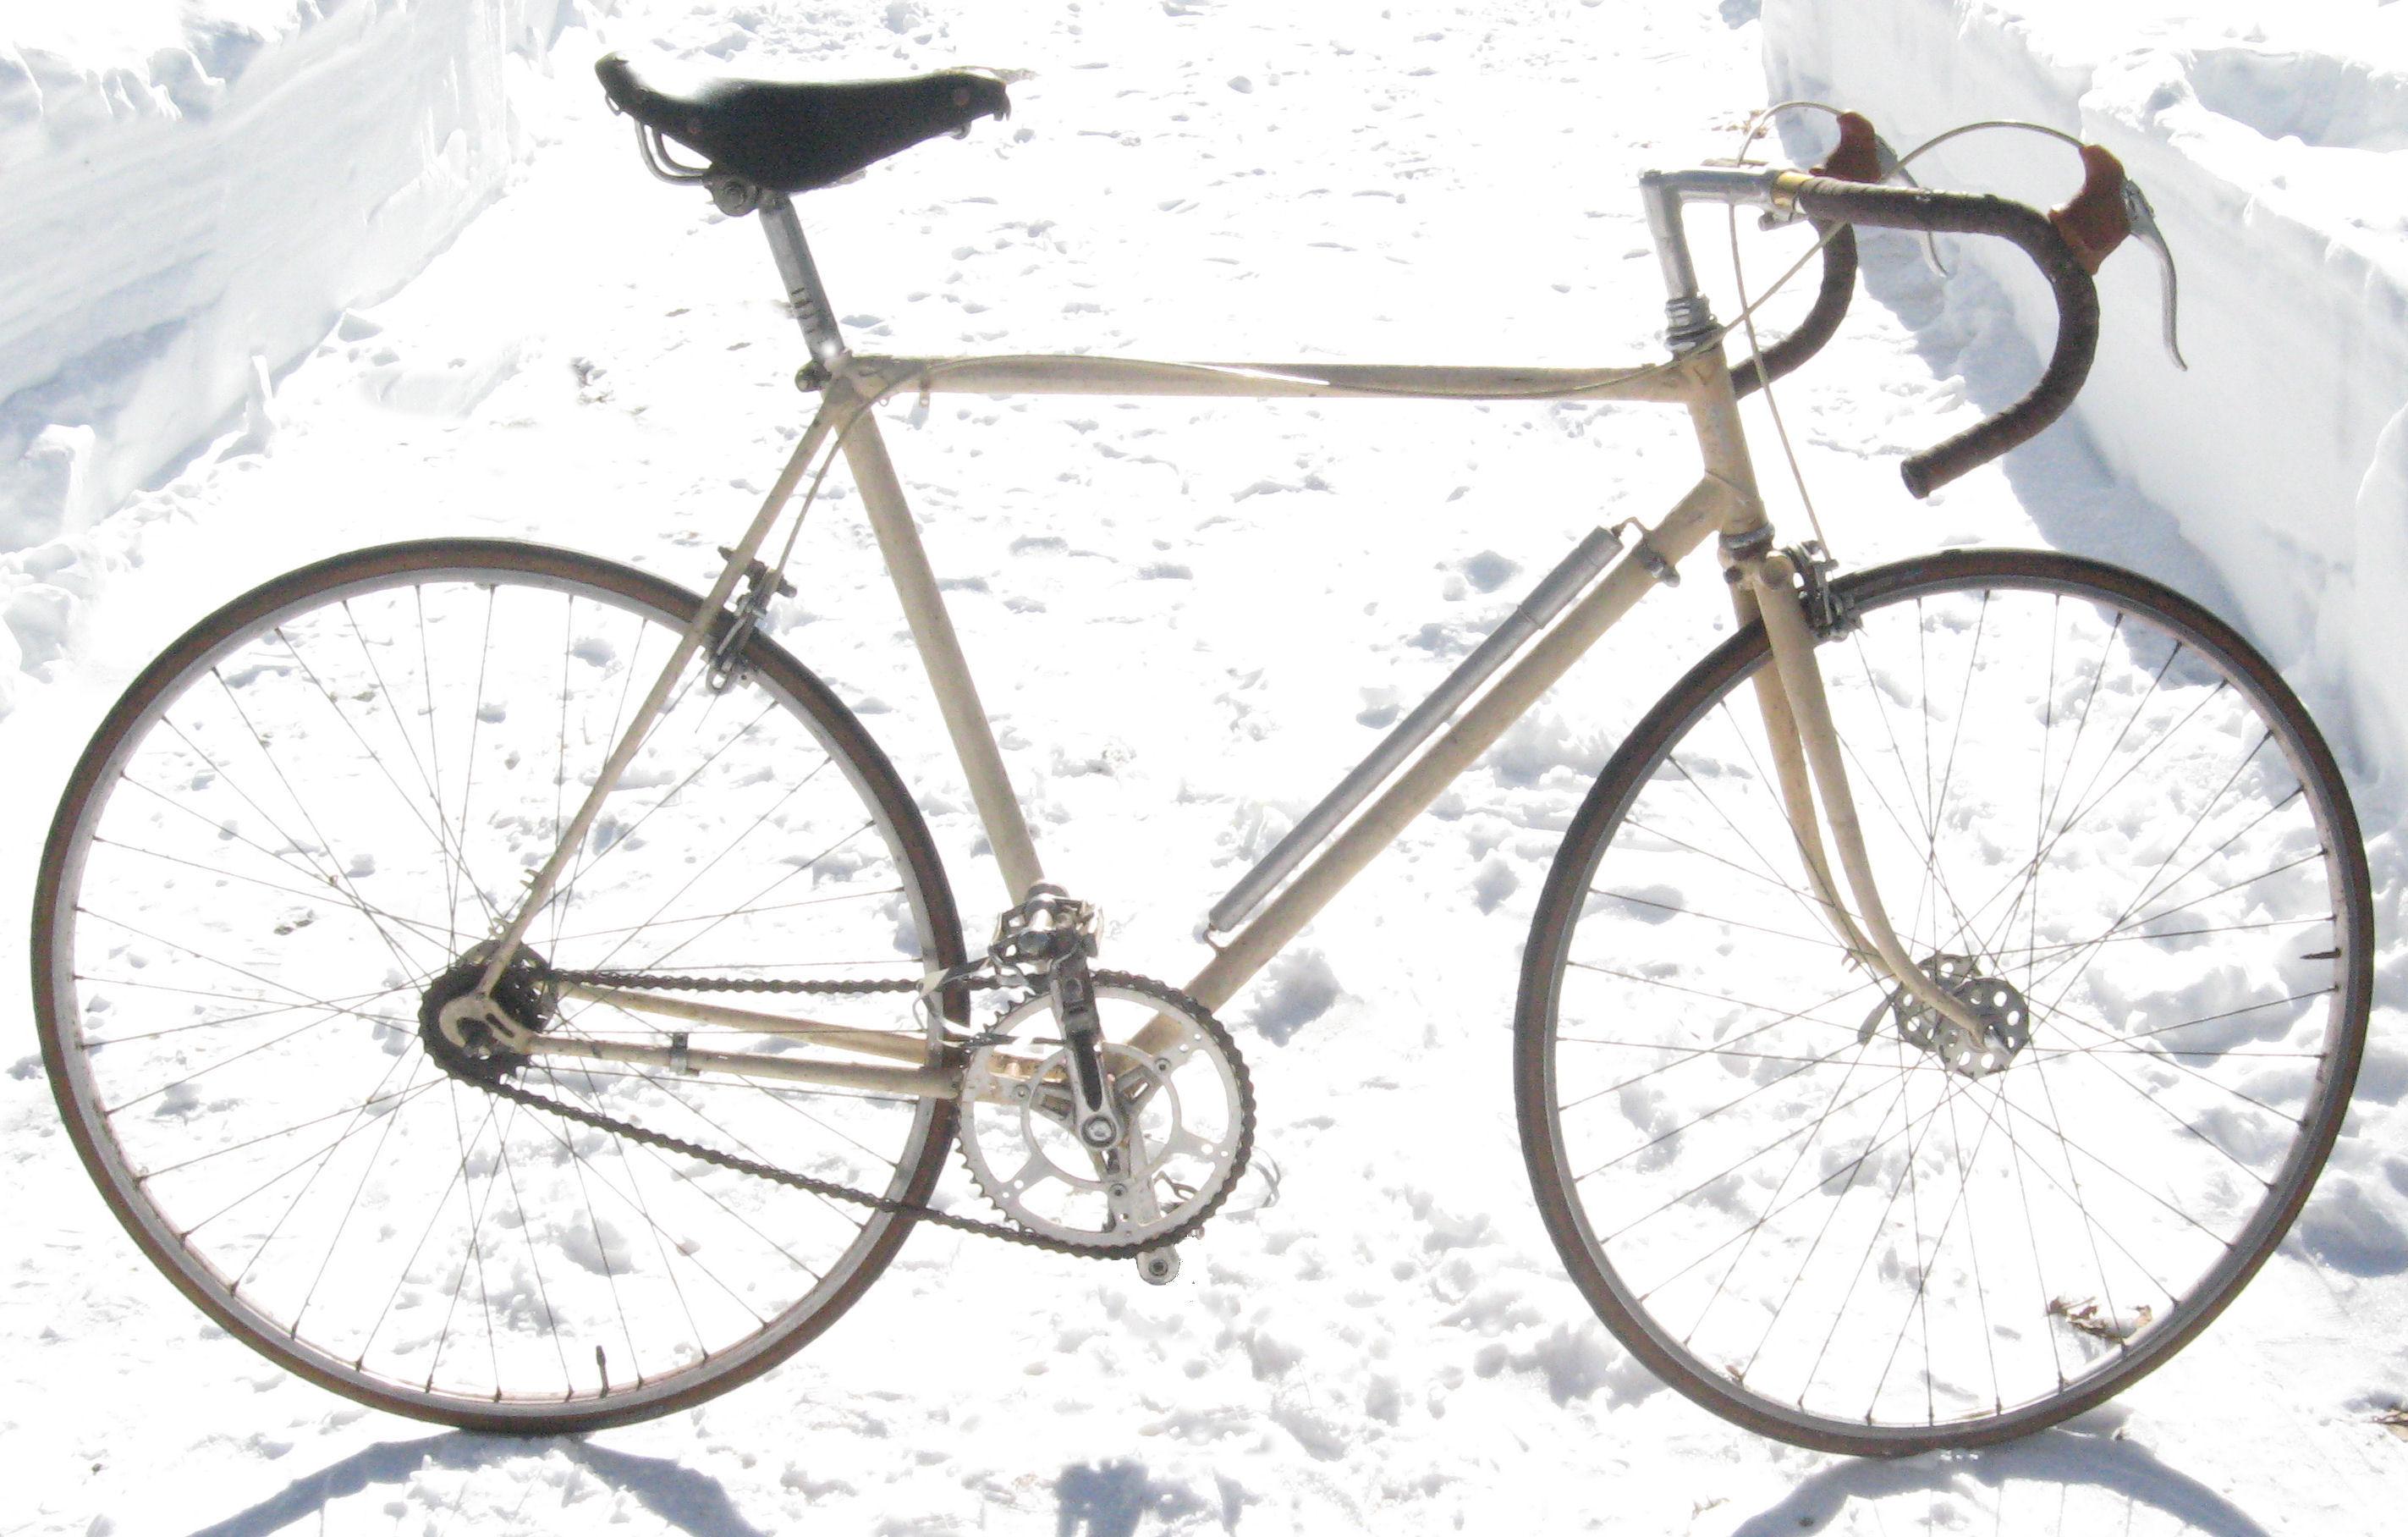 Spray Paint Bike Frame Idea